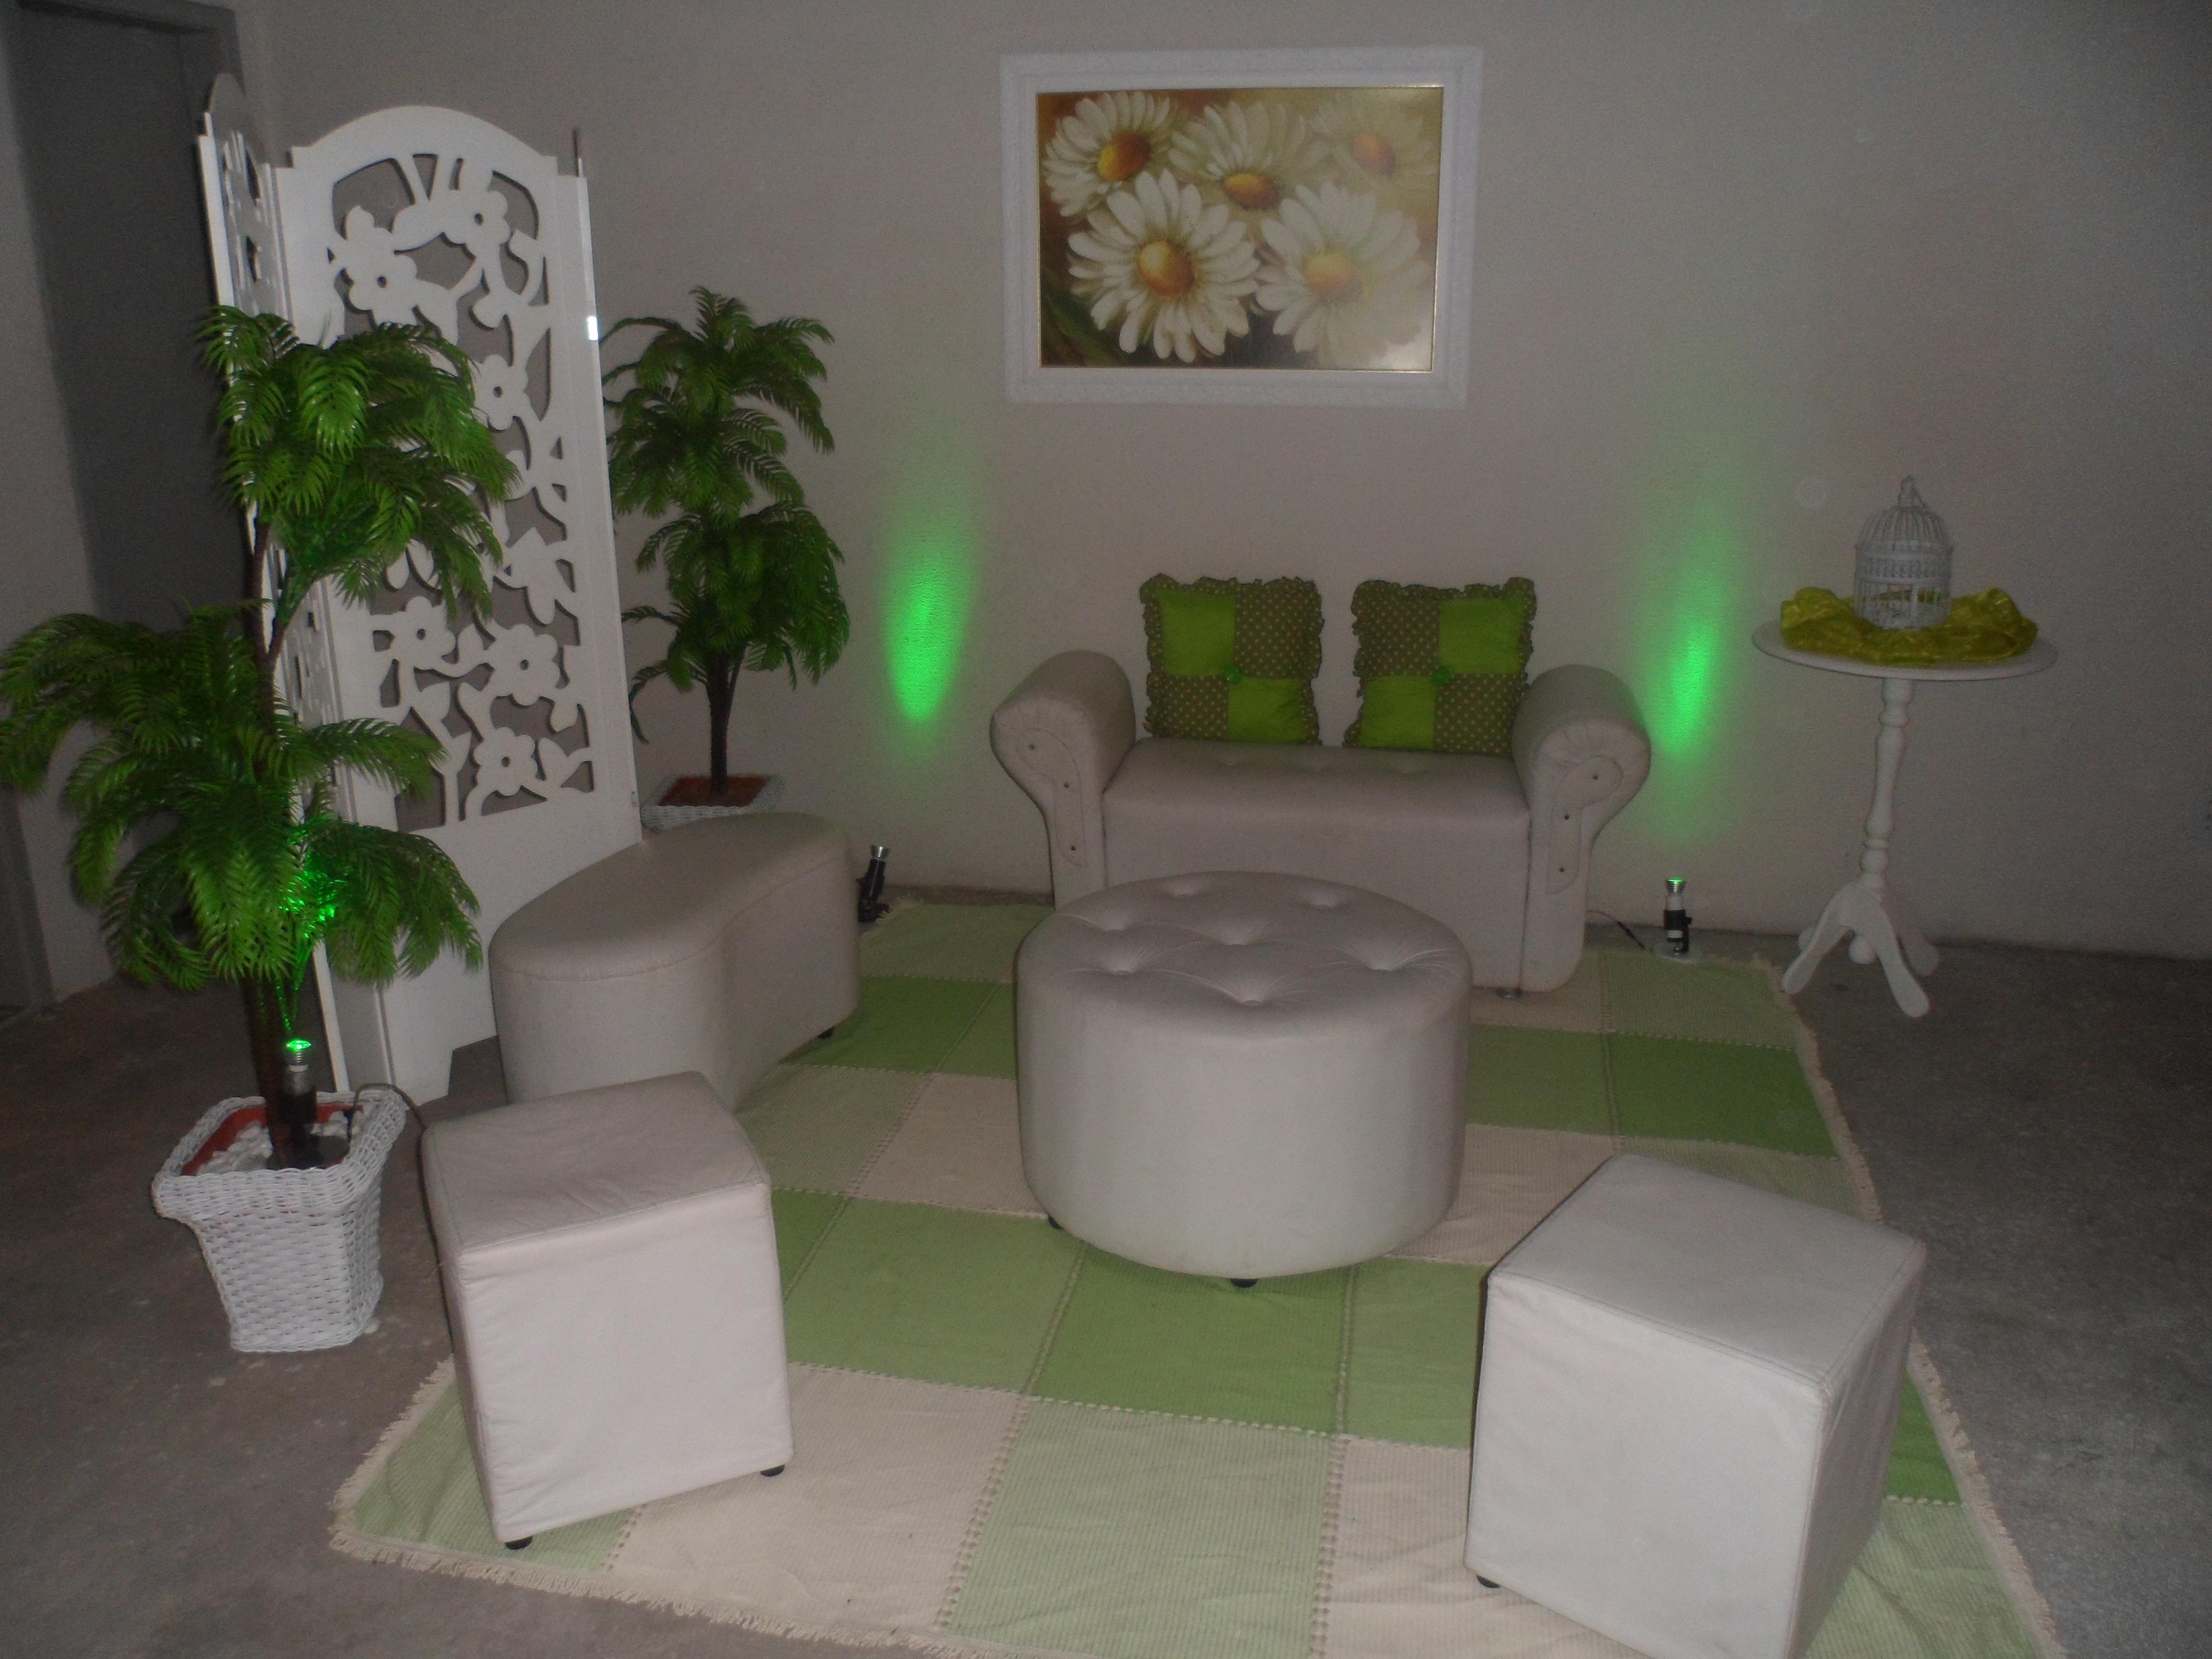 decoracao branca e verde para casamento : decoracao branca e verde para casamento: verde casamentos decoracao provencal casamento verde casamento verde